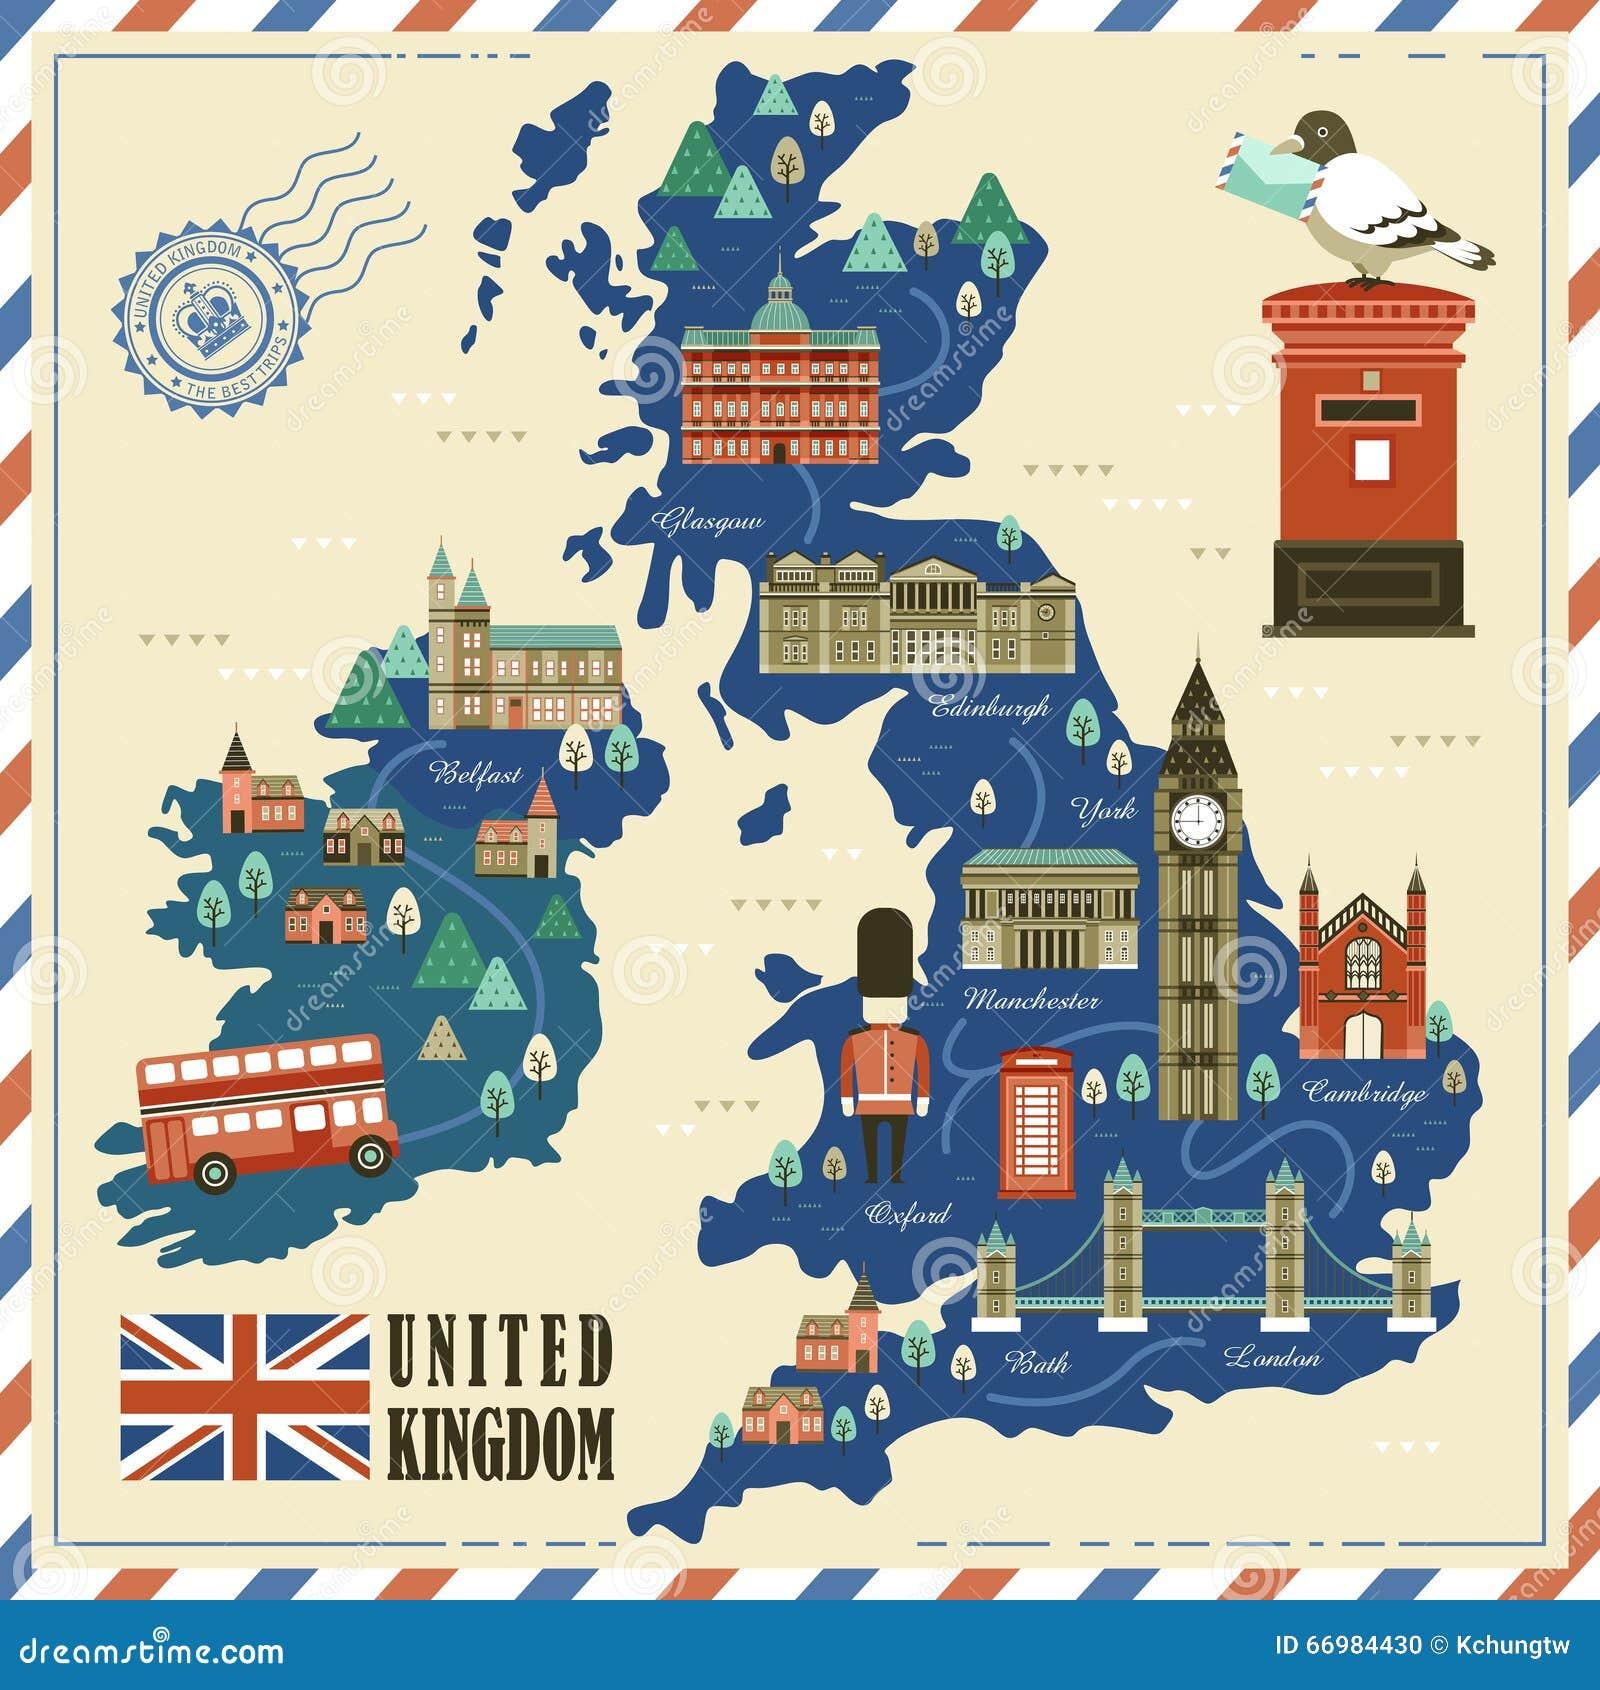 与吸引力的可爱的英国旅行地图.图片